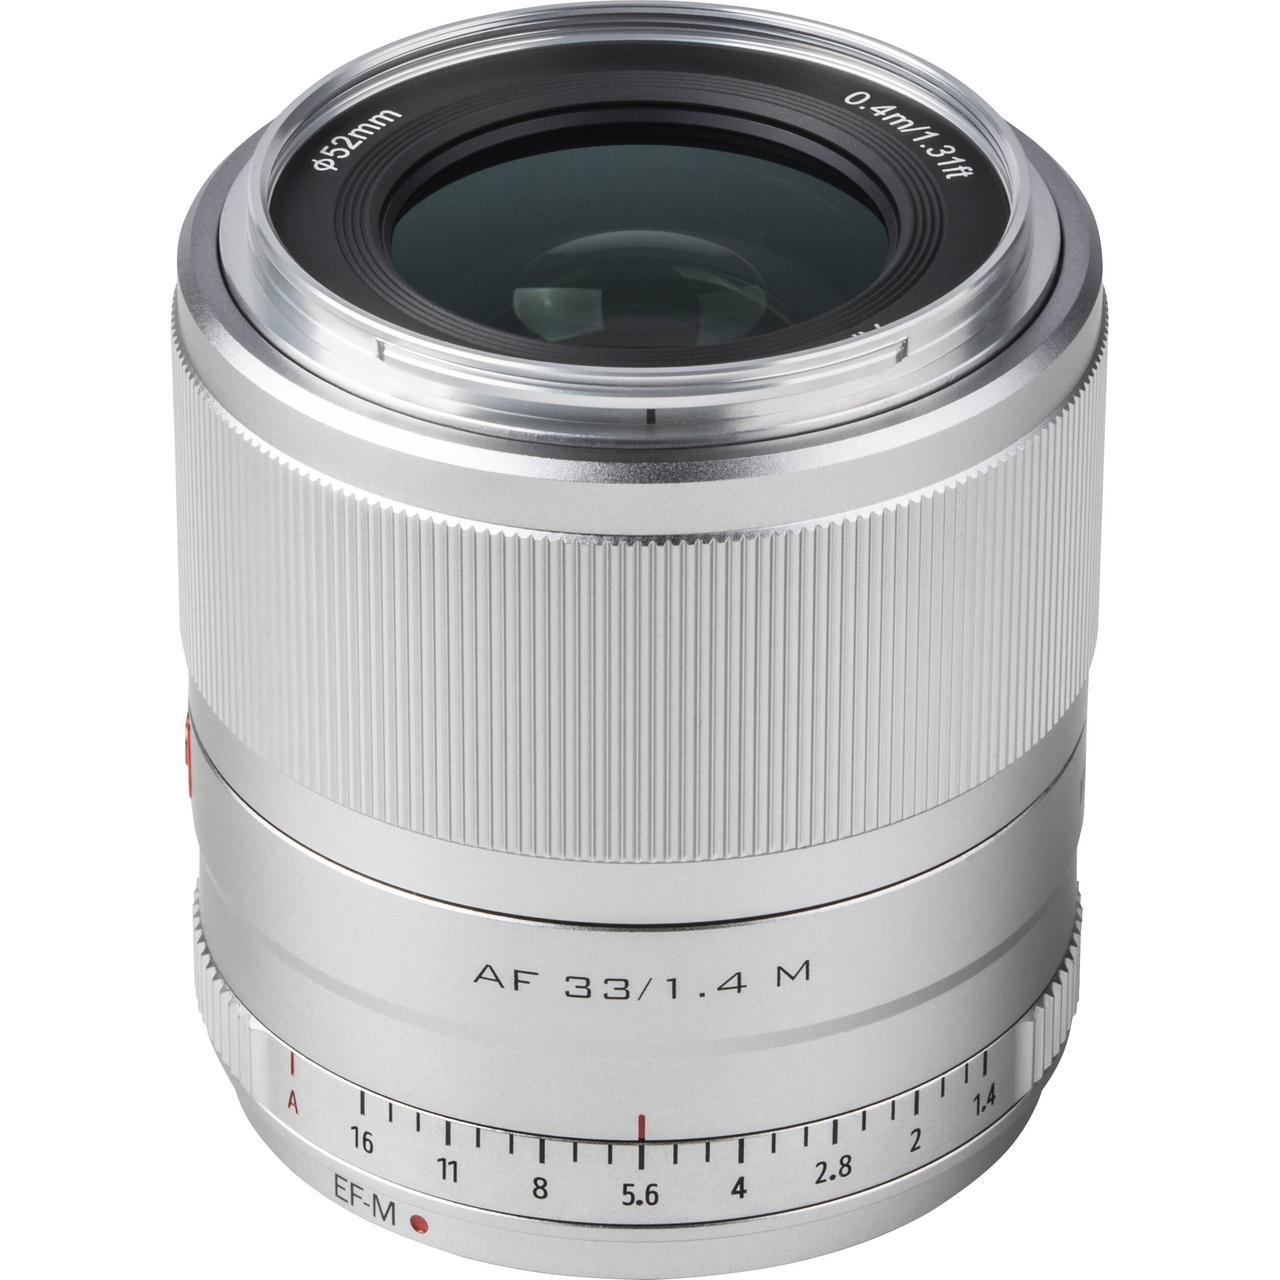 Об'єктив VILTROX 33mm f/1.4 M (AF 33/1.4 M) (Canon EF-M) - автофокусный